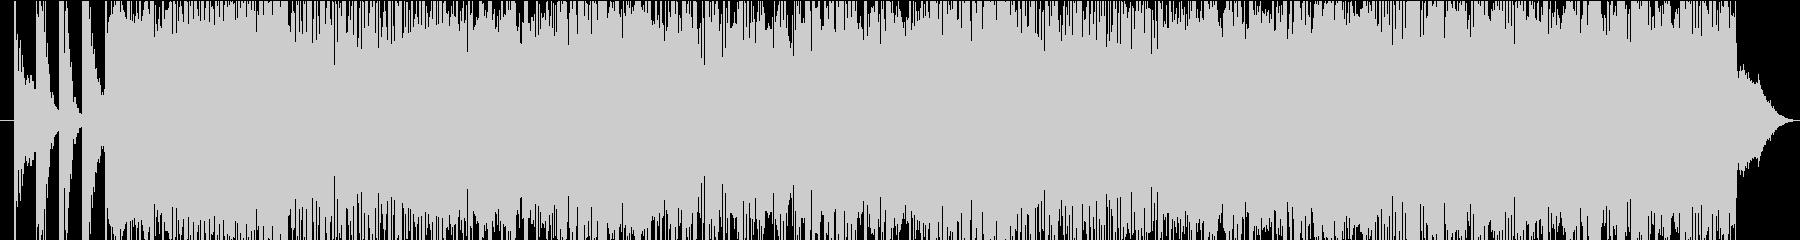 レトロ感のあるエレクトロポップの未再生の波形